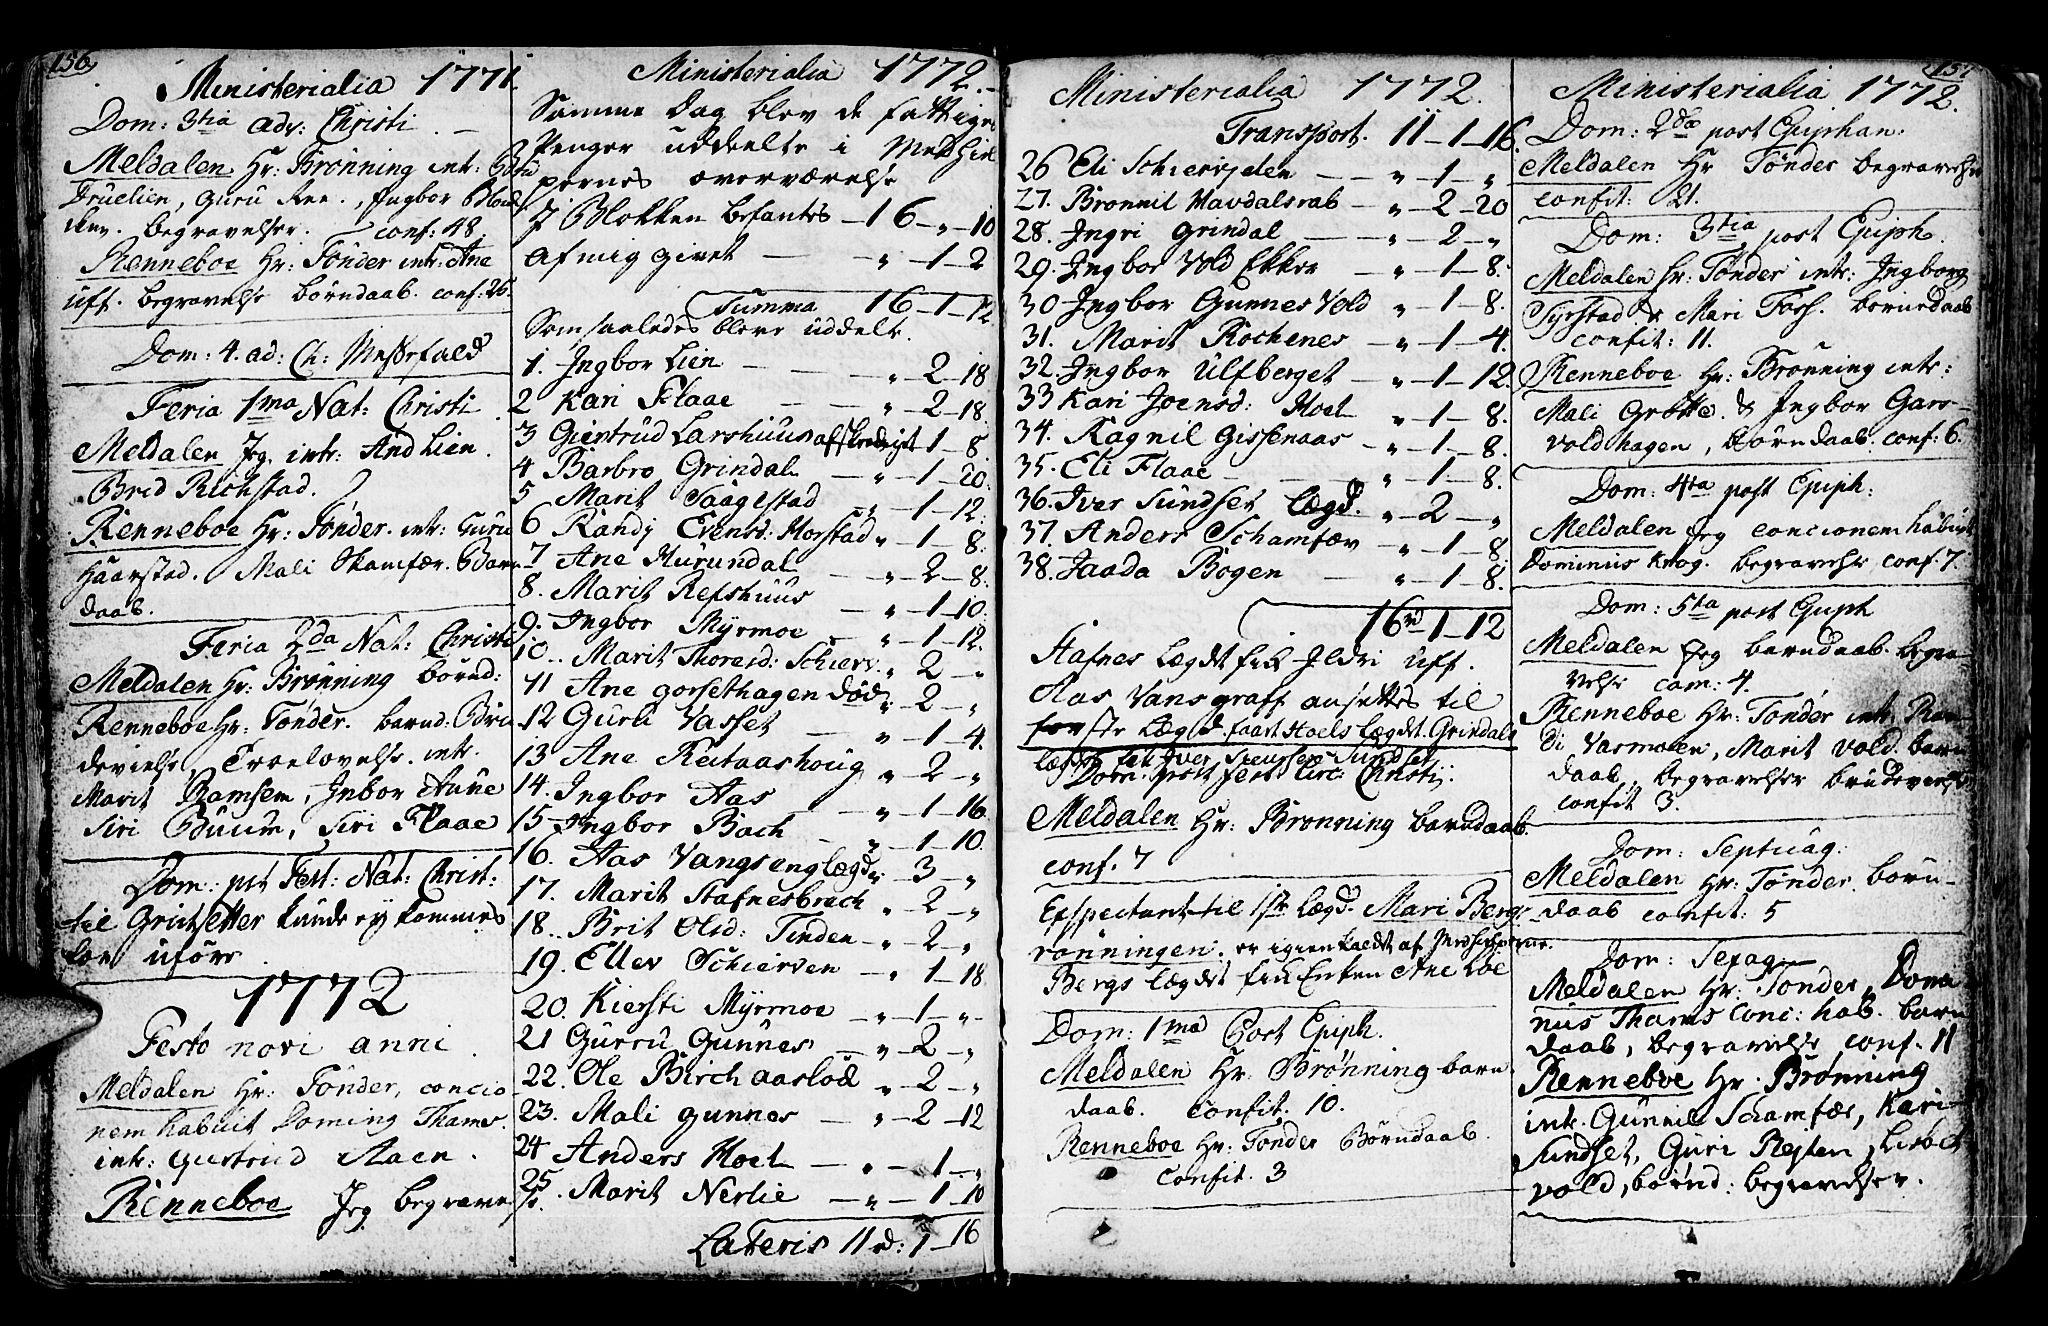 SAT, Ministerialprotokoller, klokkerbøker og fødselsregistre - Sør-Trøndelag, 672/L0851: Ministerialbok nr. 672A04, 1751-1775, s. 156-157